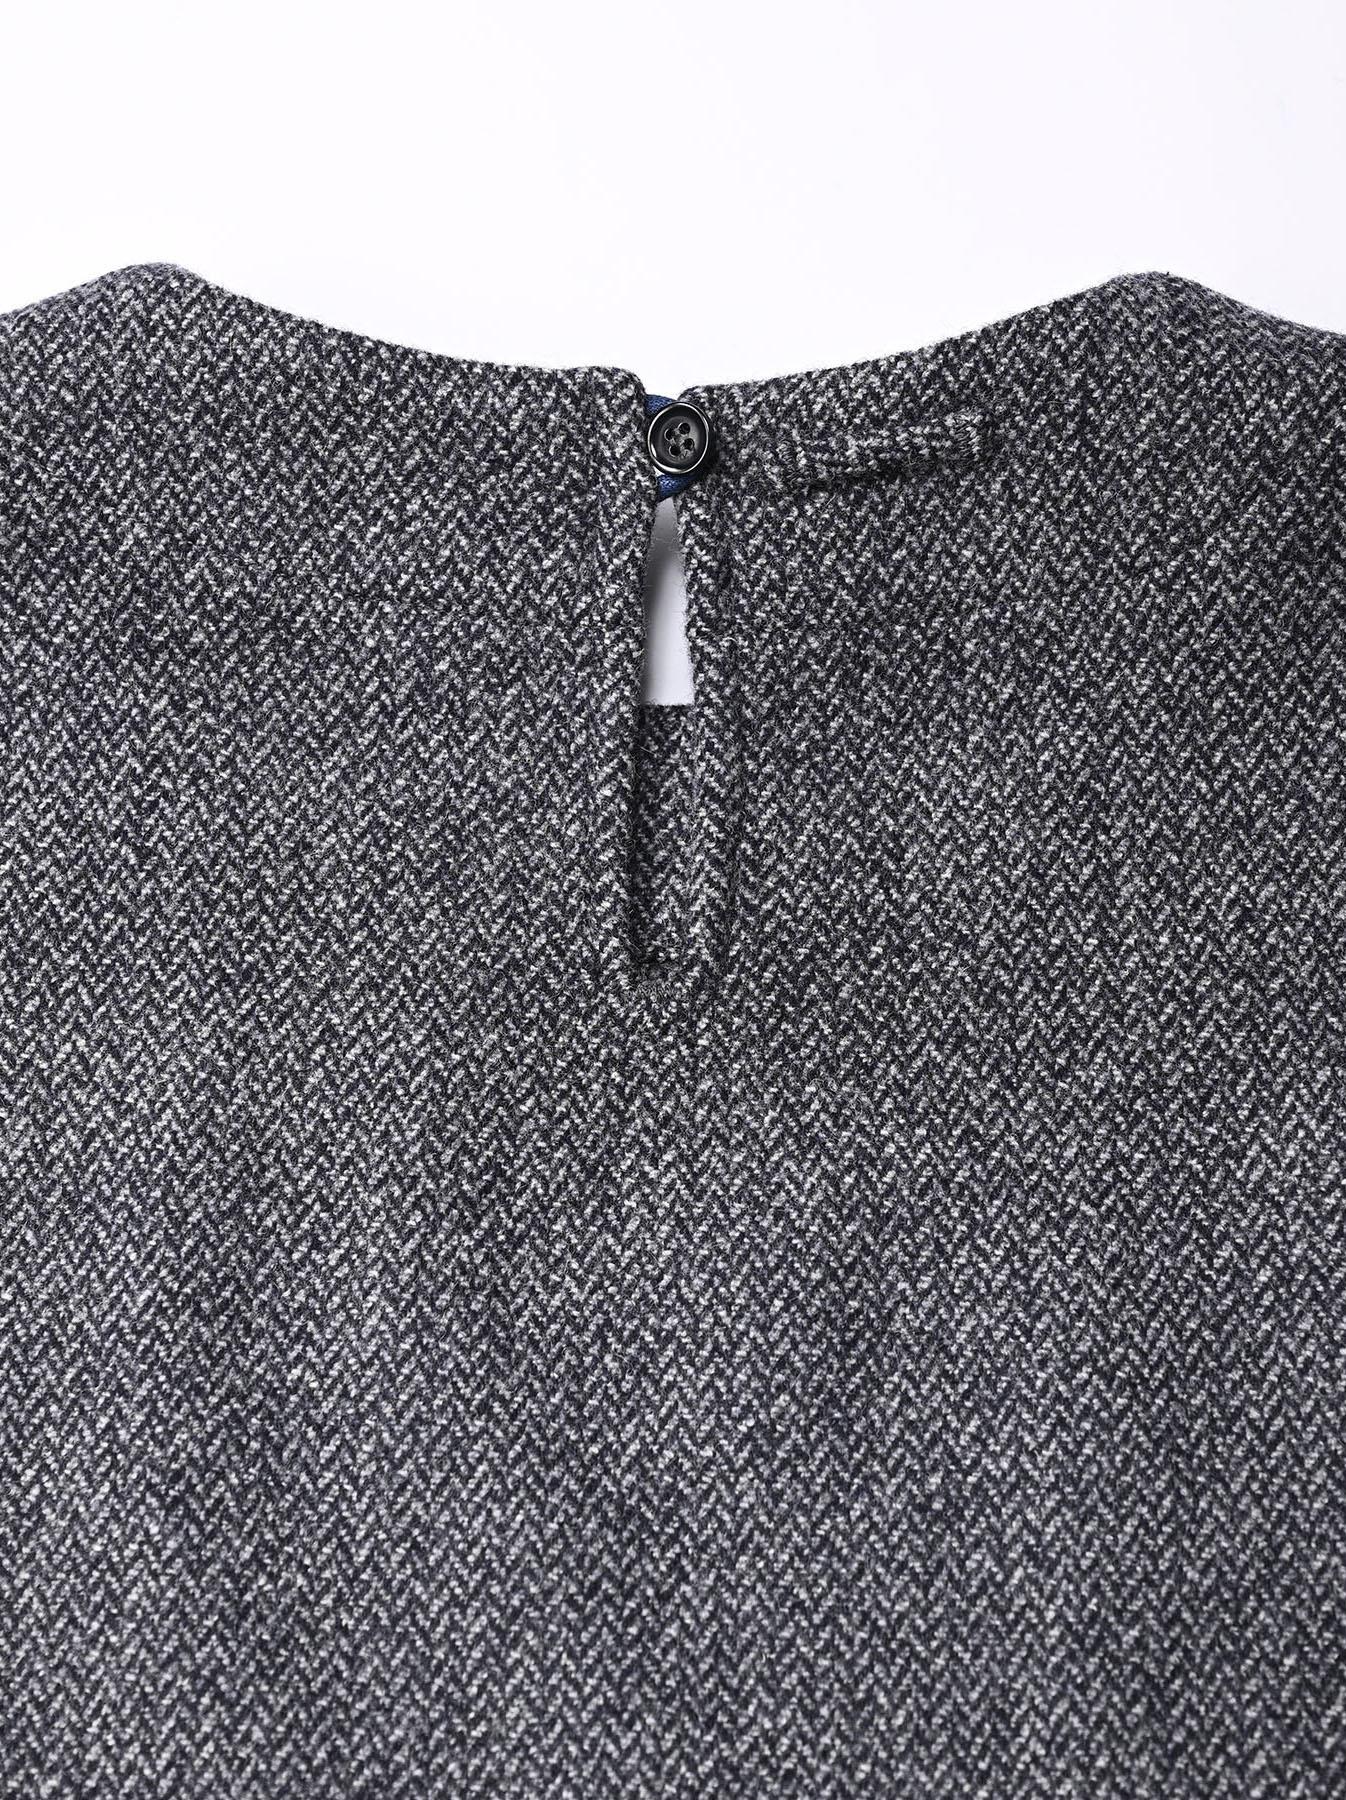 Wool Tweed Stretch Dress-6